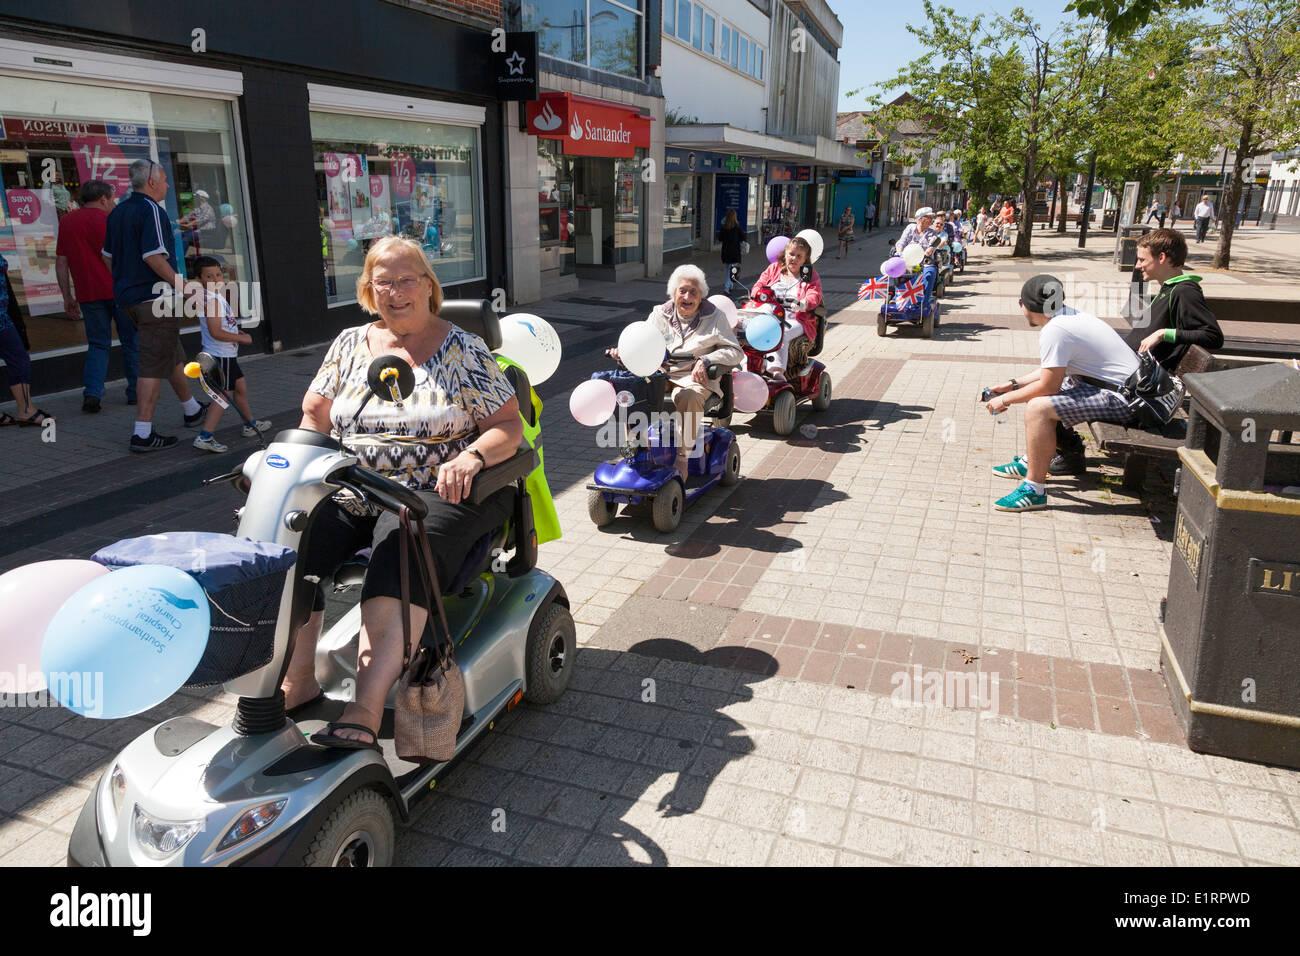 Groupe de personnes font un fun run de bienfaisance au profit de l'hôpital de Southampton décorées sur un fauteuil motorisé. Photo Stock